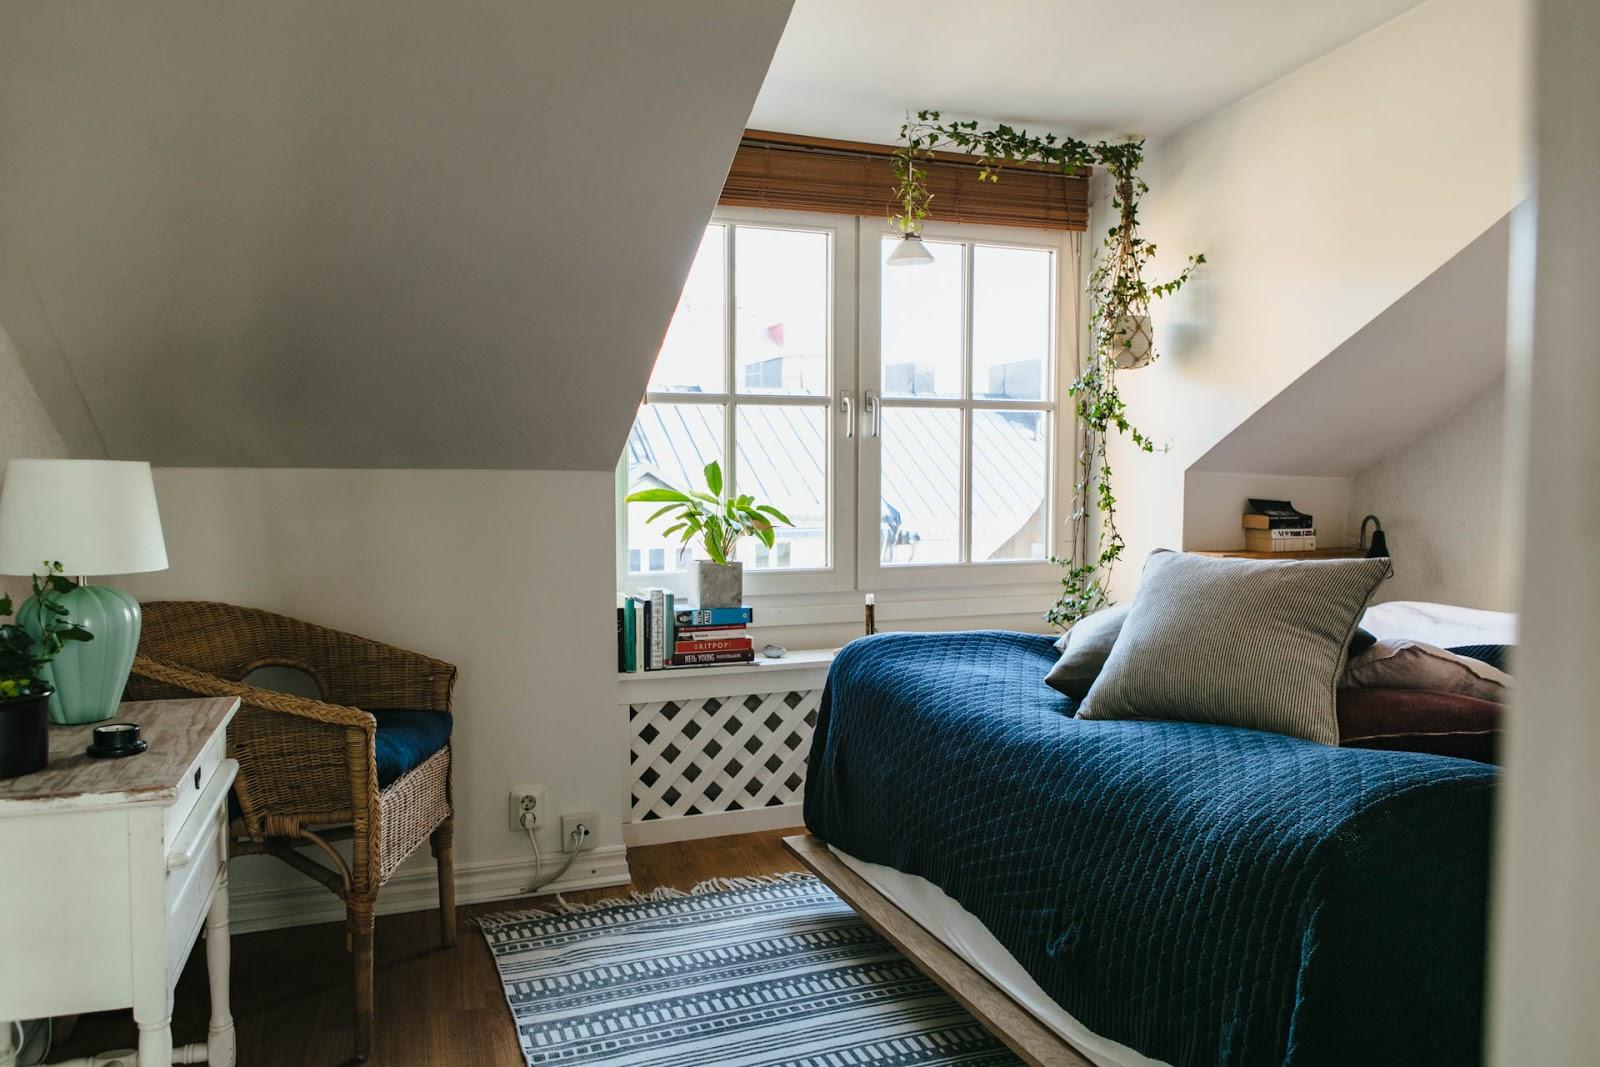 Interiors blog arredamento part 15 for Piccoli piani di casa 3 camere da letto